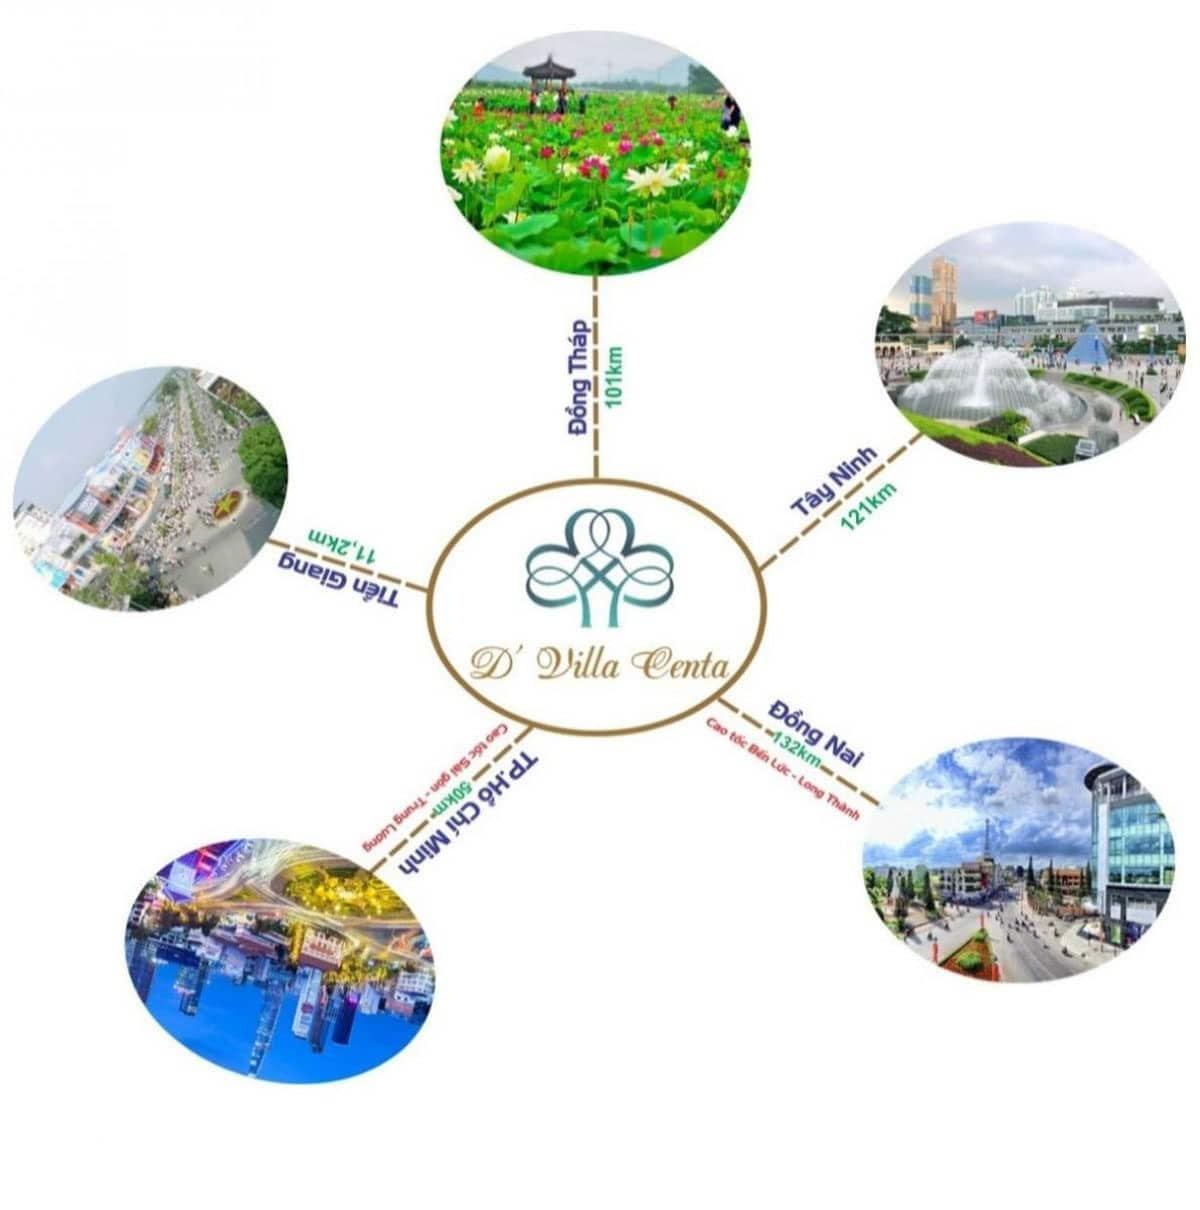 Tiện ích kết nối khu vực Dự án D'Villa Centa